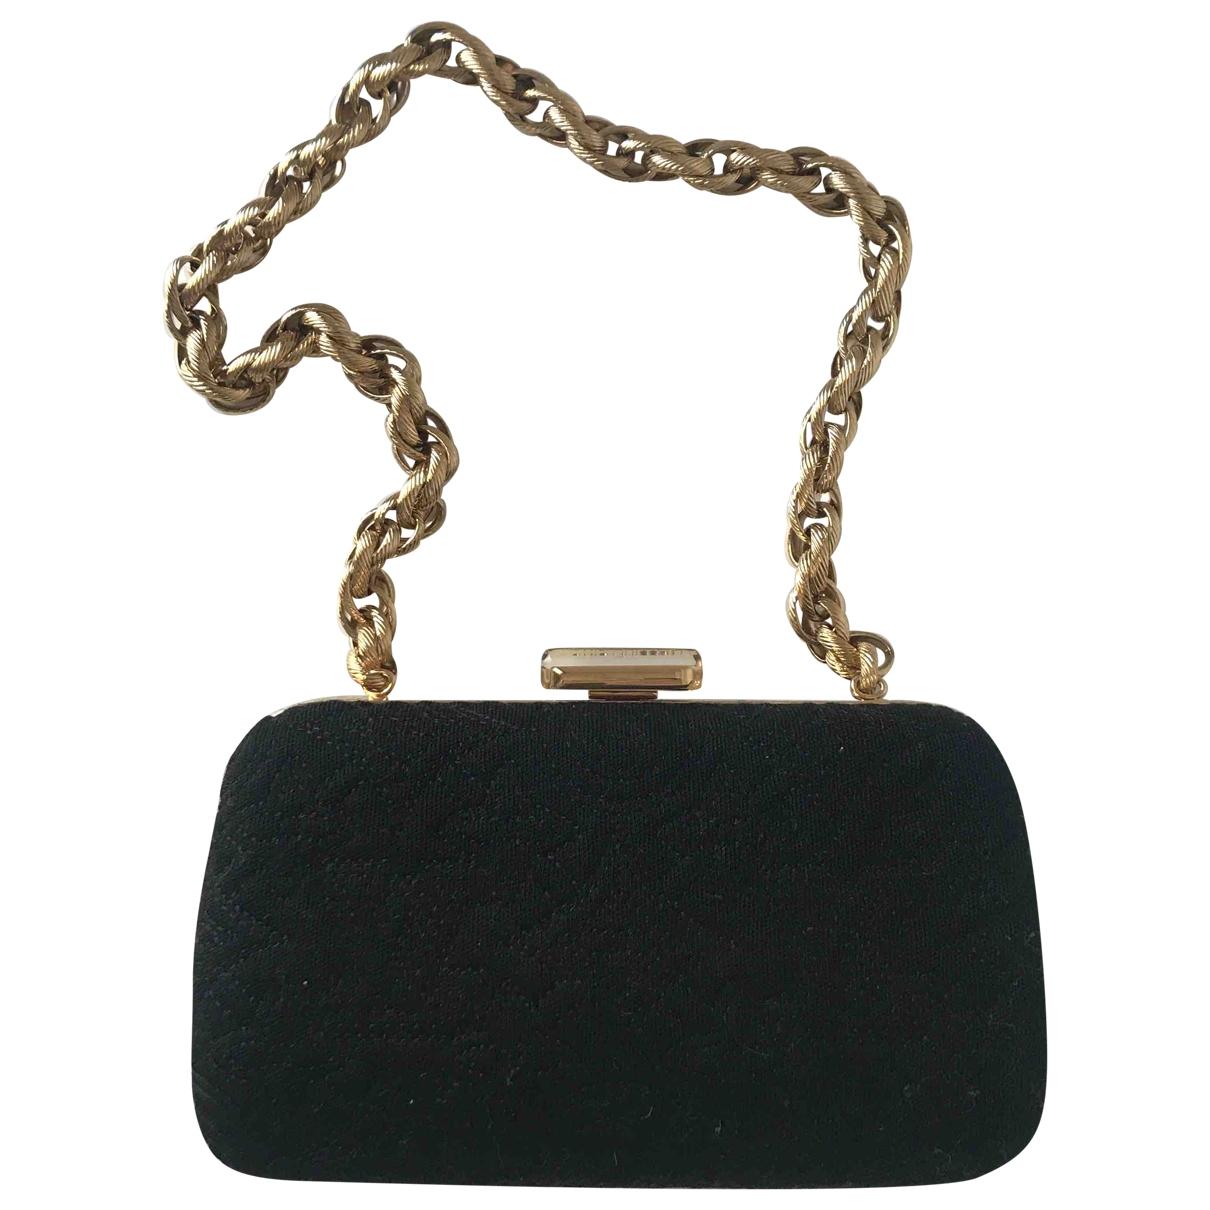 Bolsos clutch en Algodon Negro Louis Vuitton